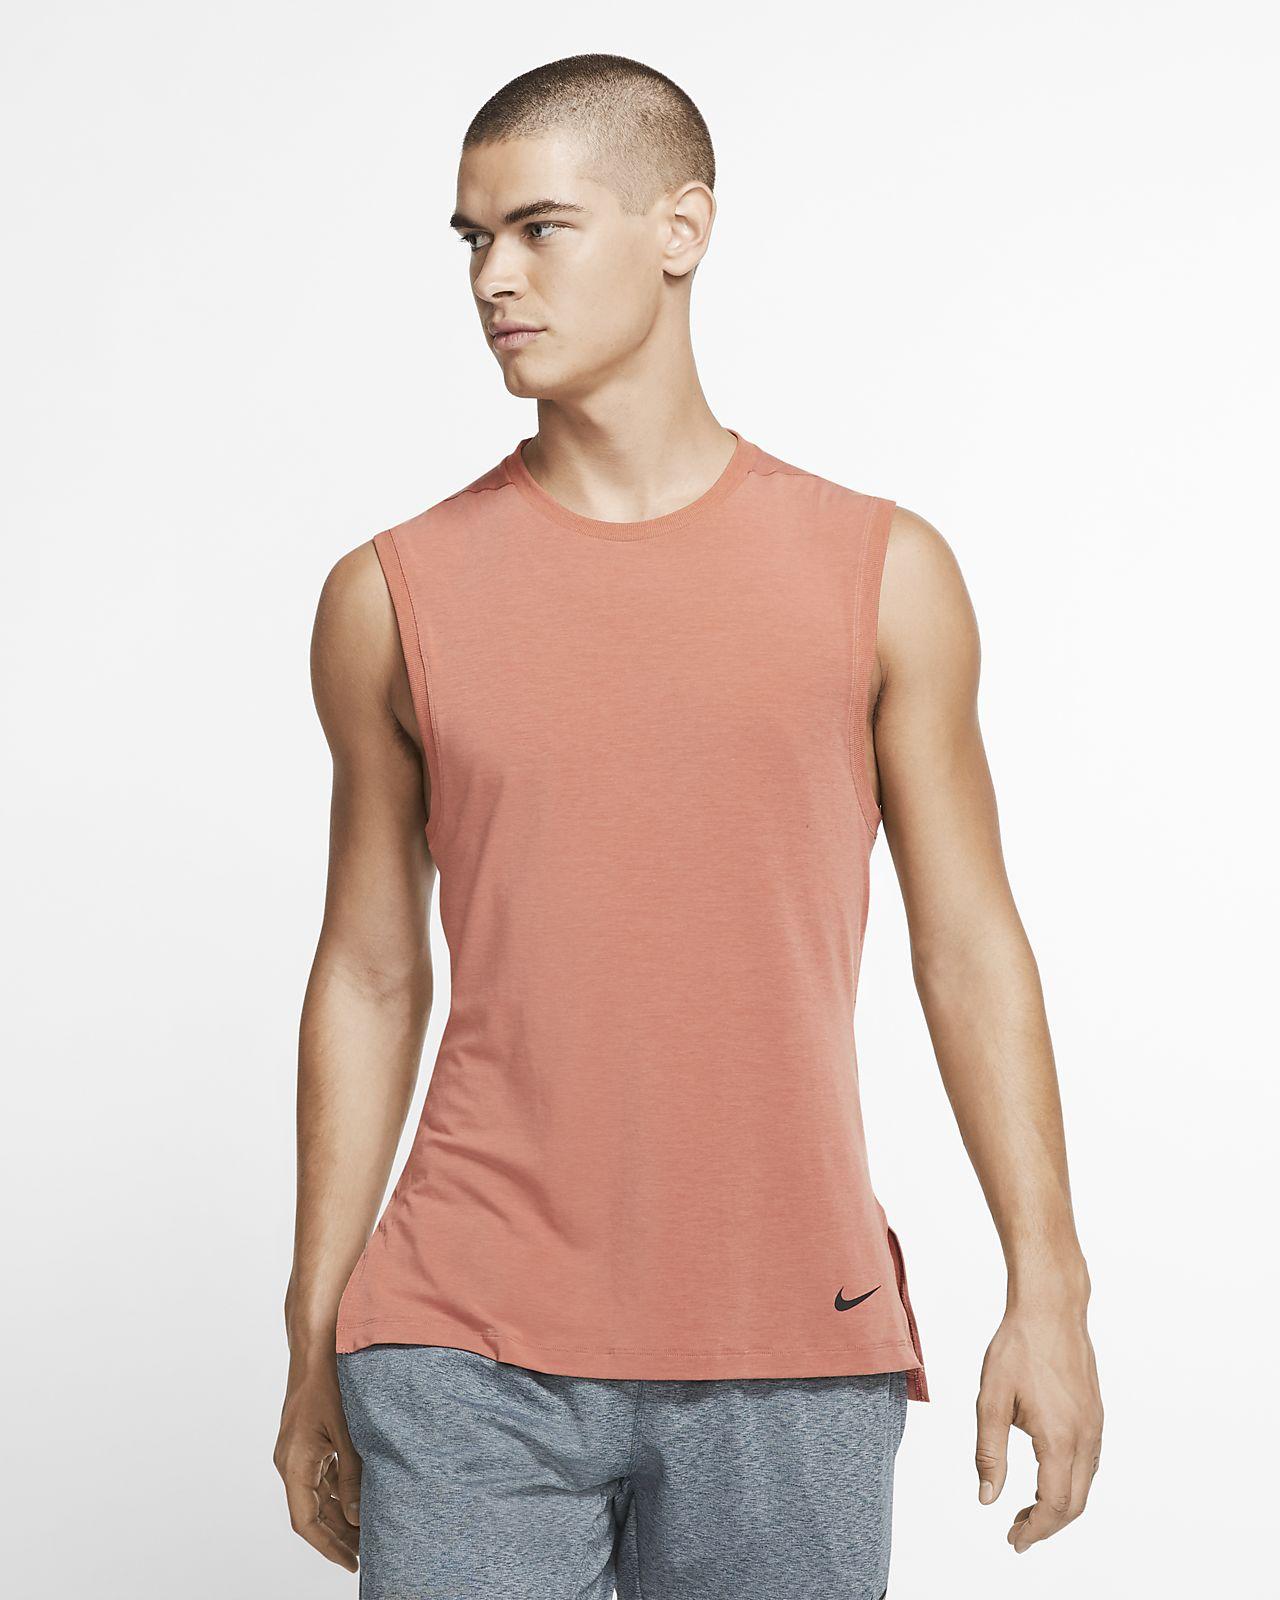 Camiseta de tirantes de entrenamiento de yoga para hombre Nike Dri-FIT